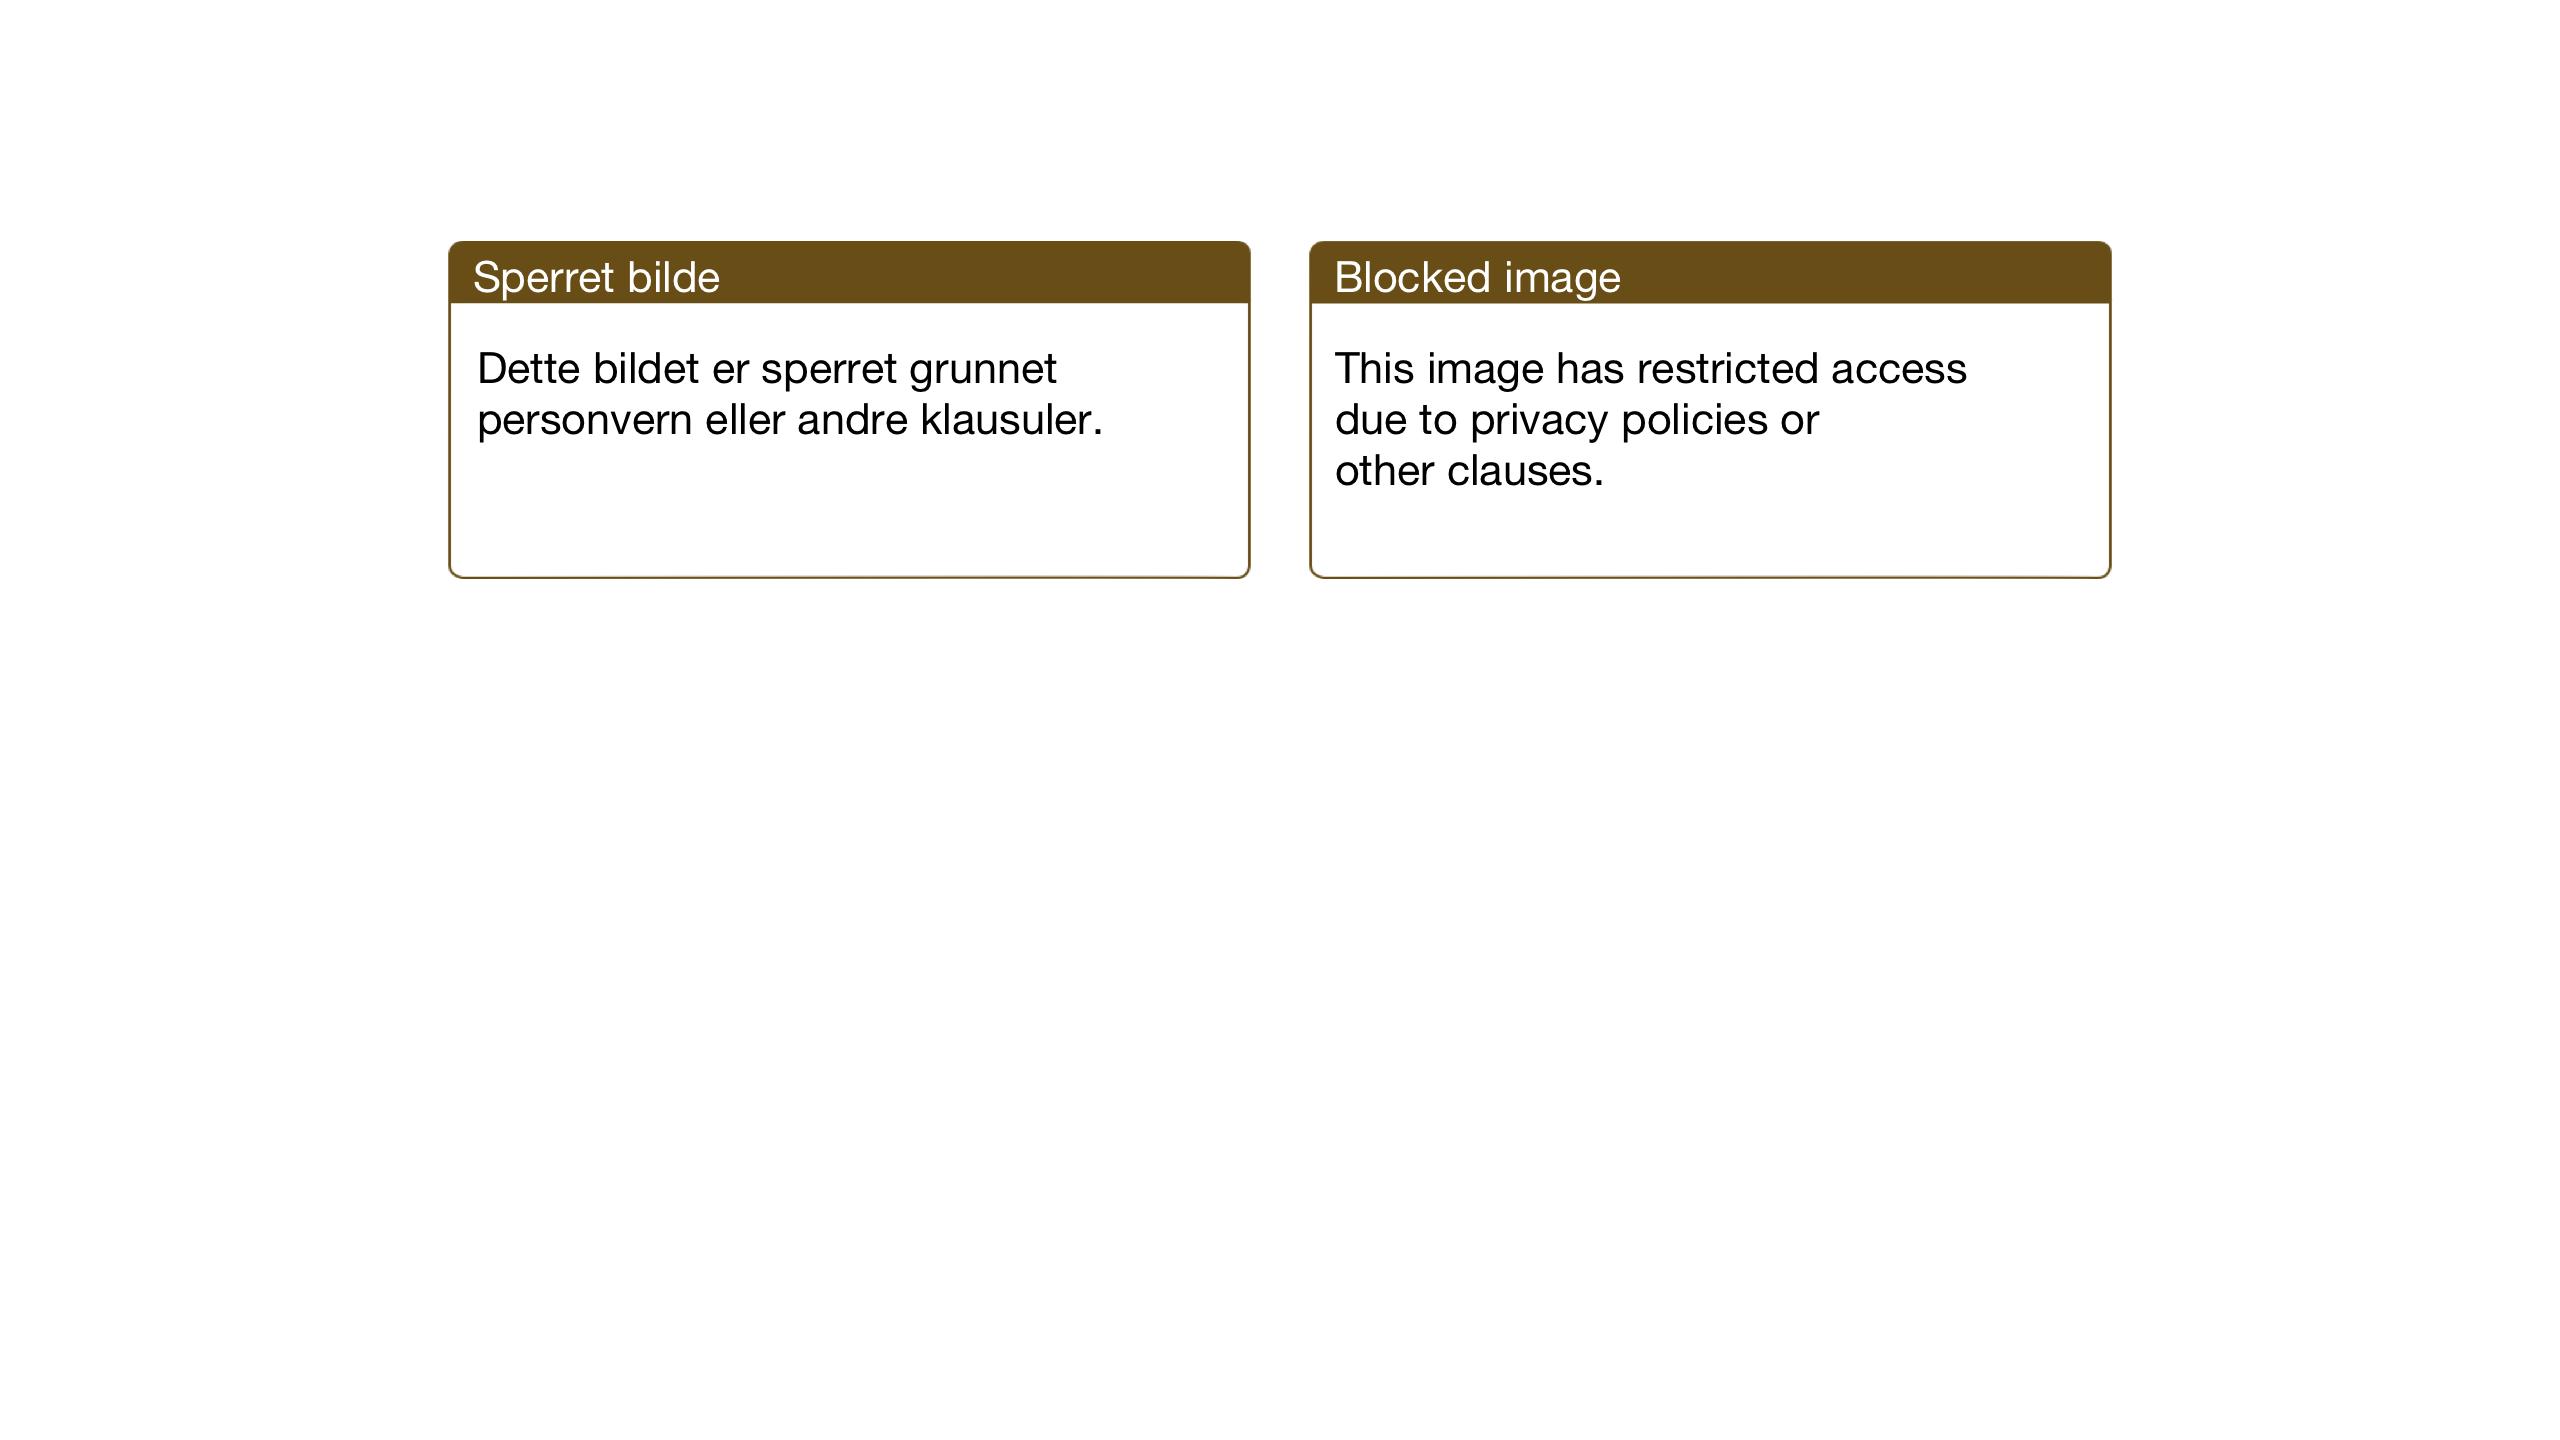 SAT, Ministerialprotokoller, klokkerbøker og fødselsregistre - Nord-Trøndelag, 733/L0328: Klokkerbok nr. 733C03, 1919-1966, s. 80